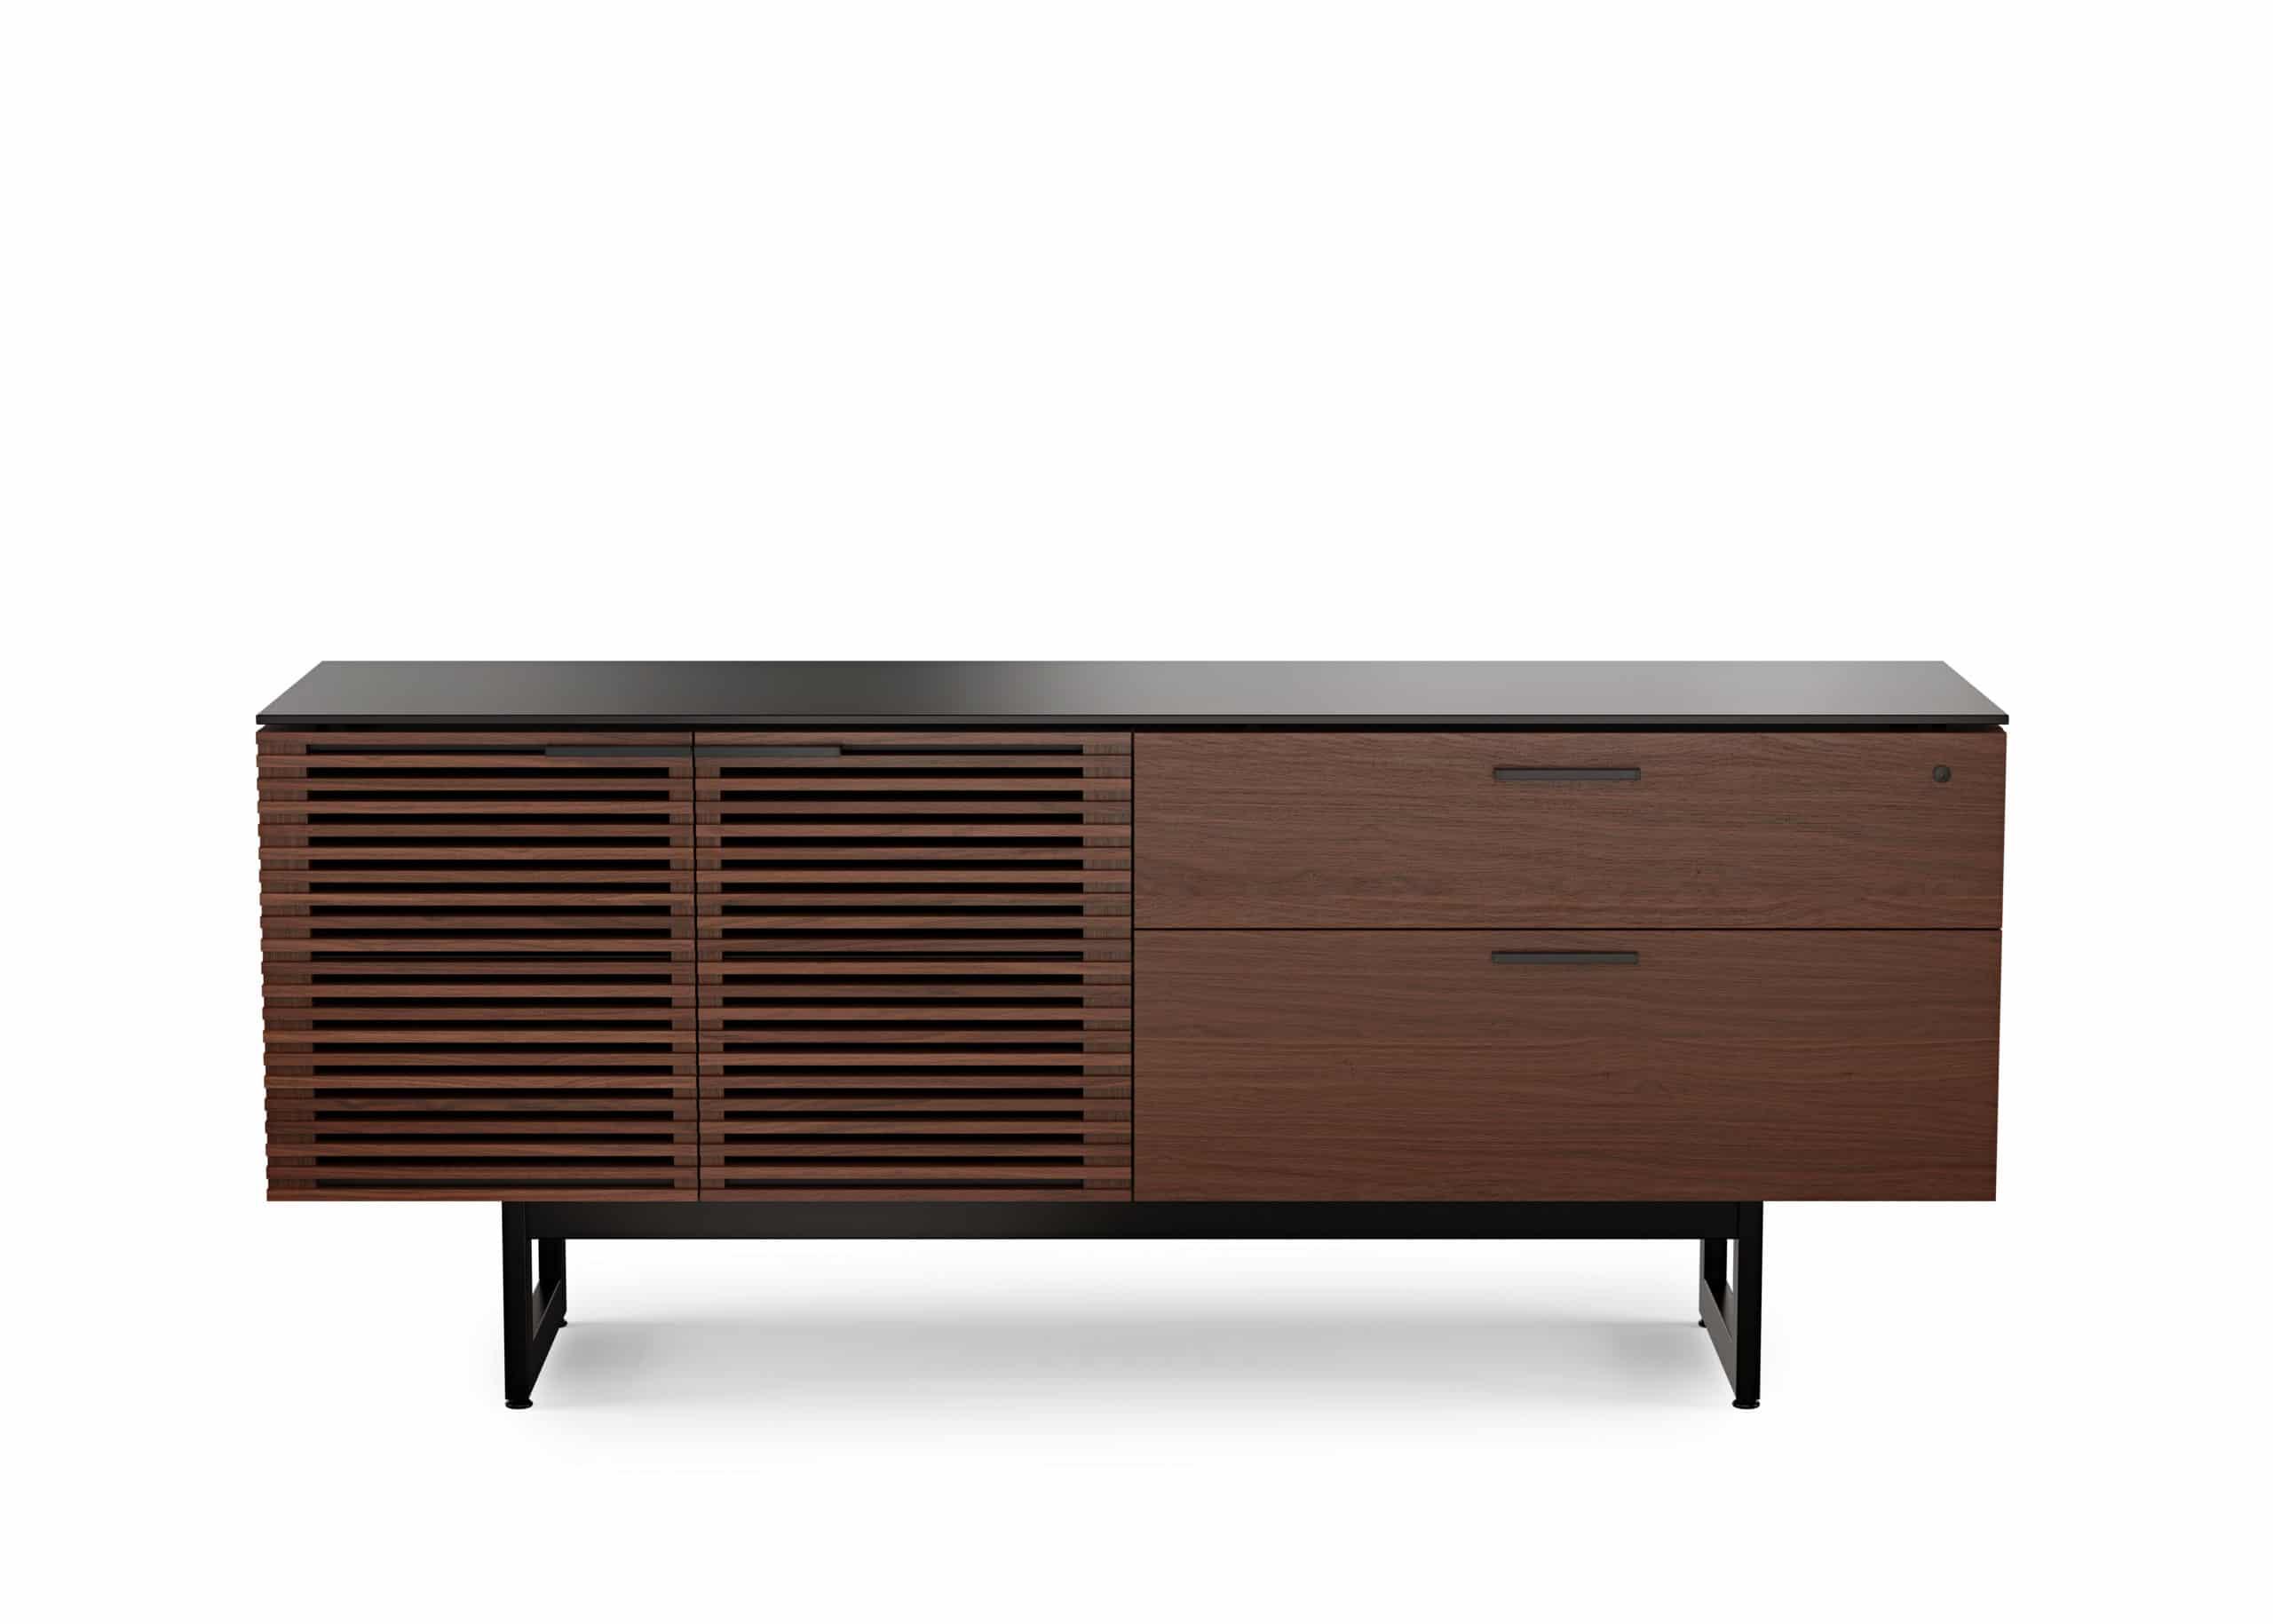 Corridor 6529 Office & Storage Credenza | BDI Furniture